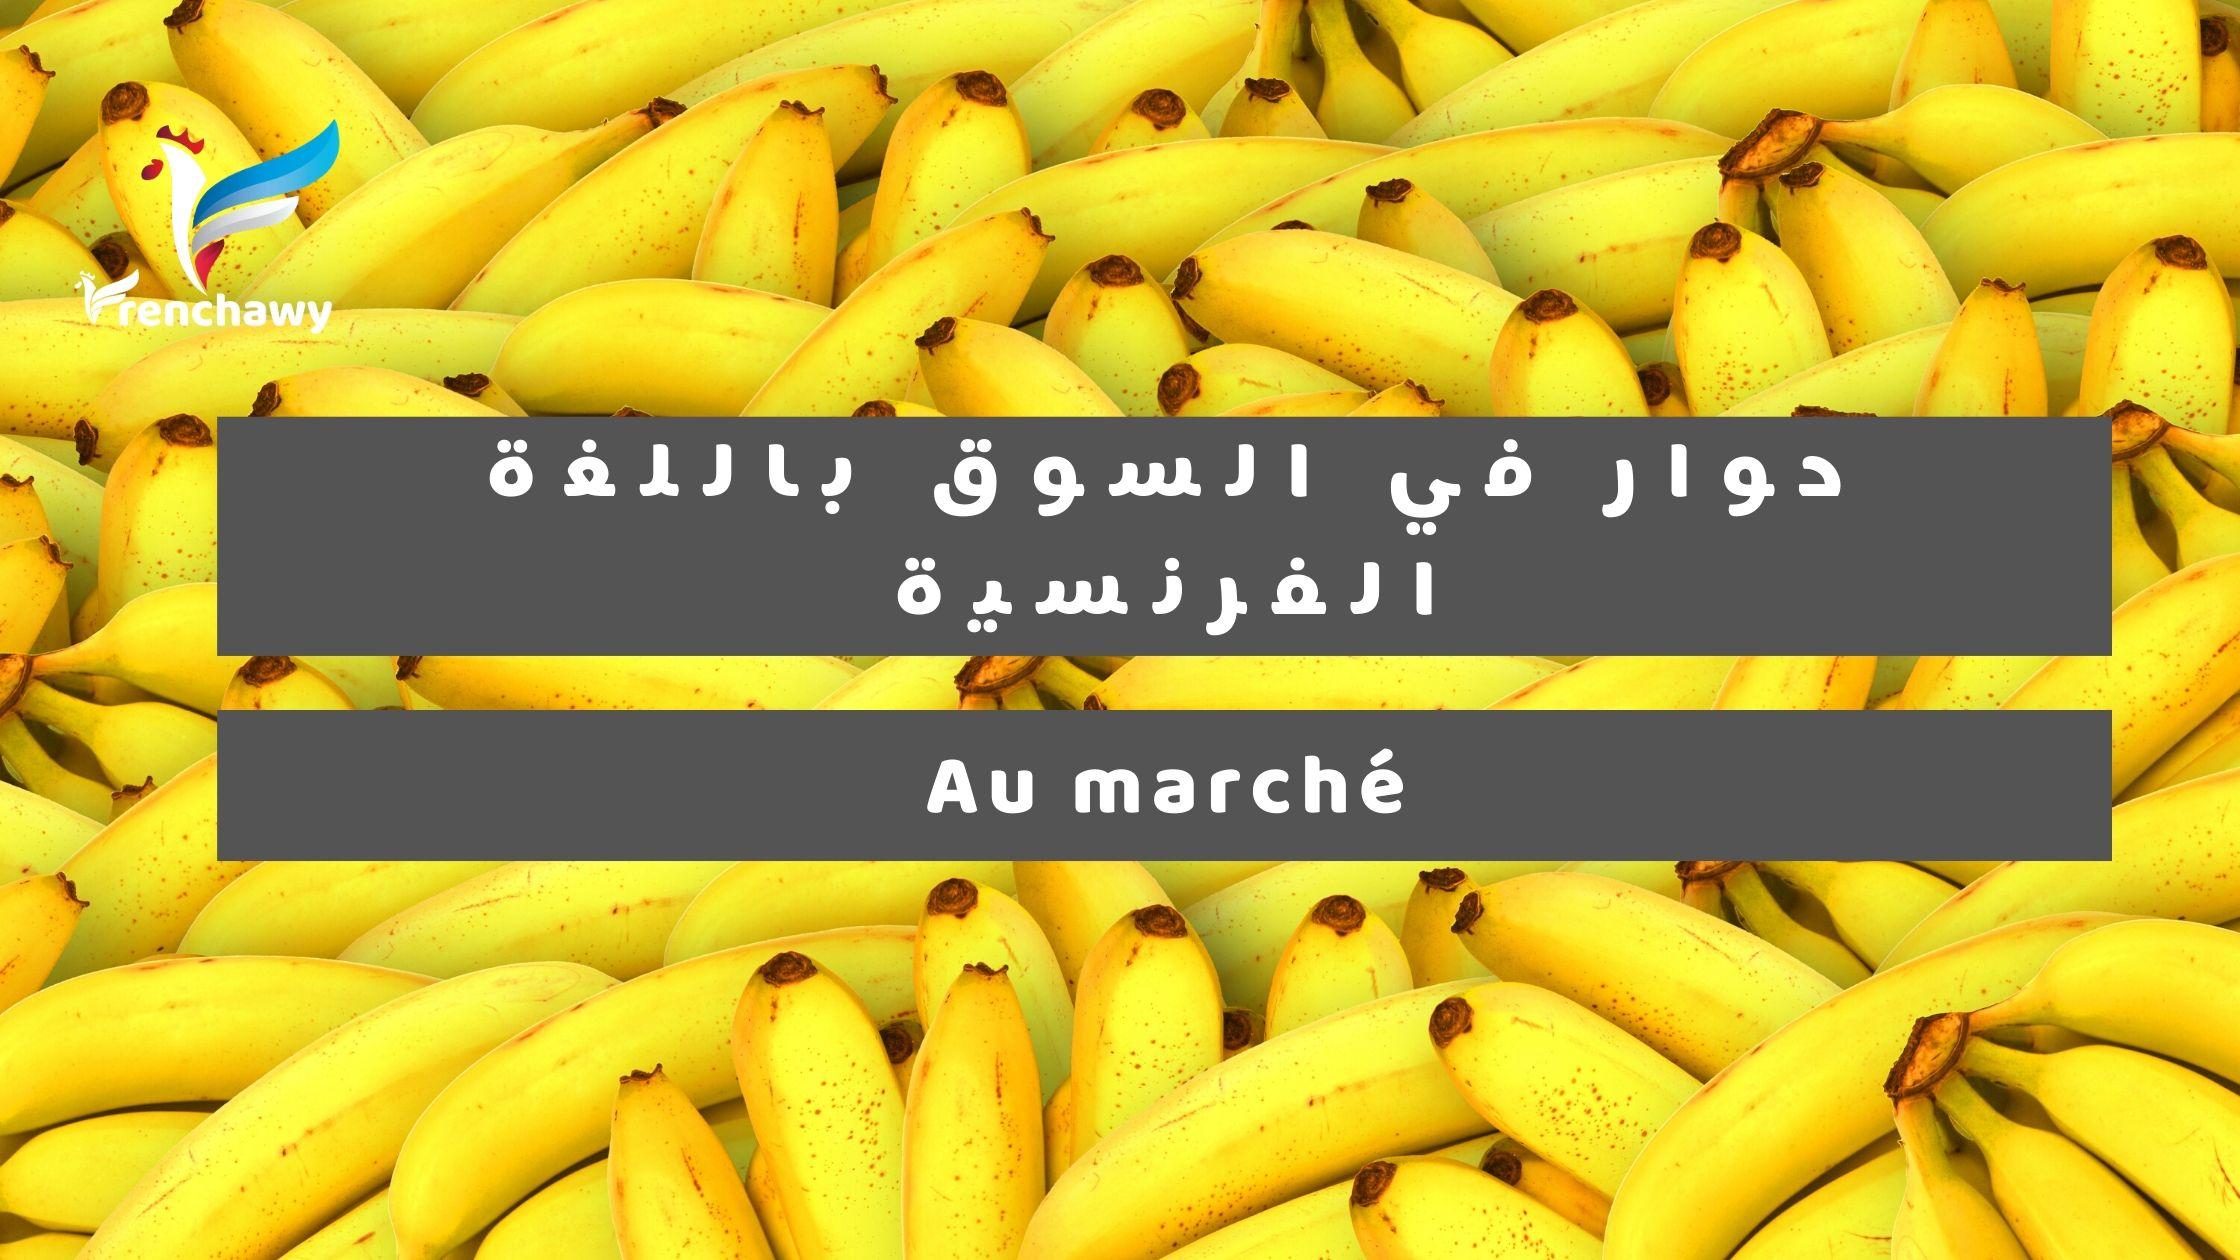 حوار في السوق باللغة الفرنسية